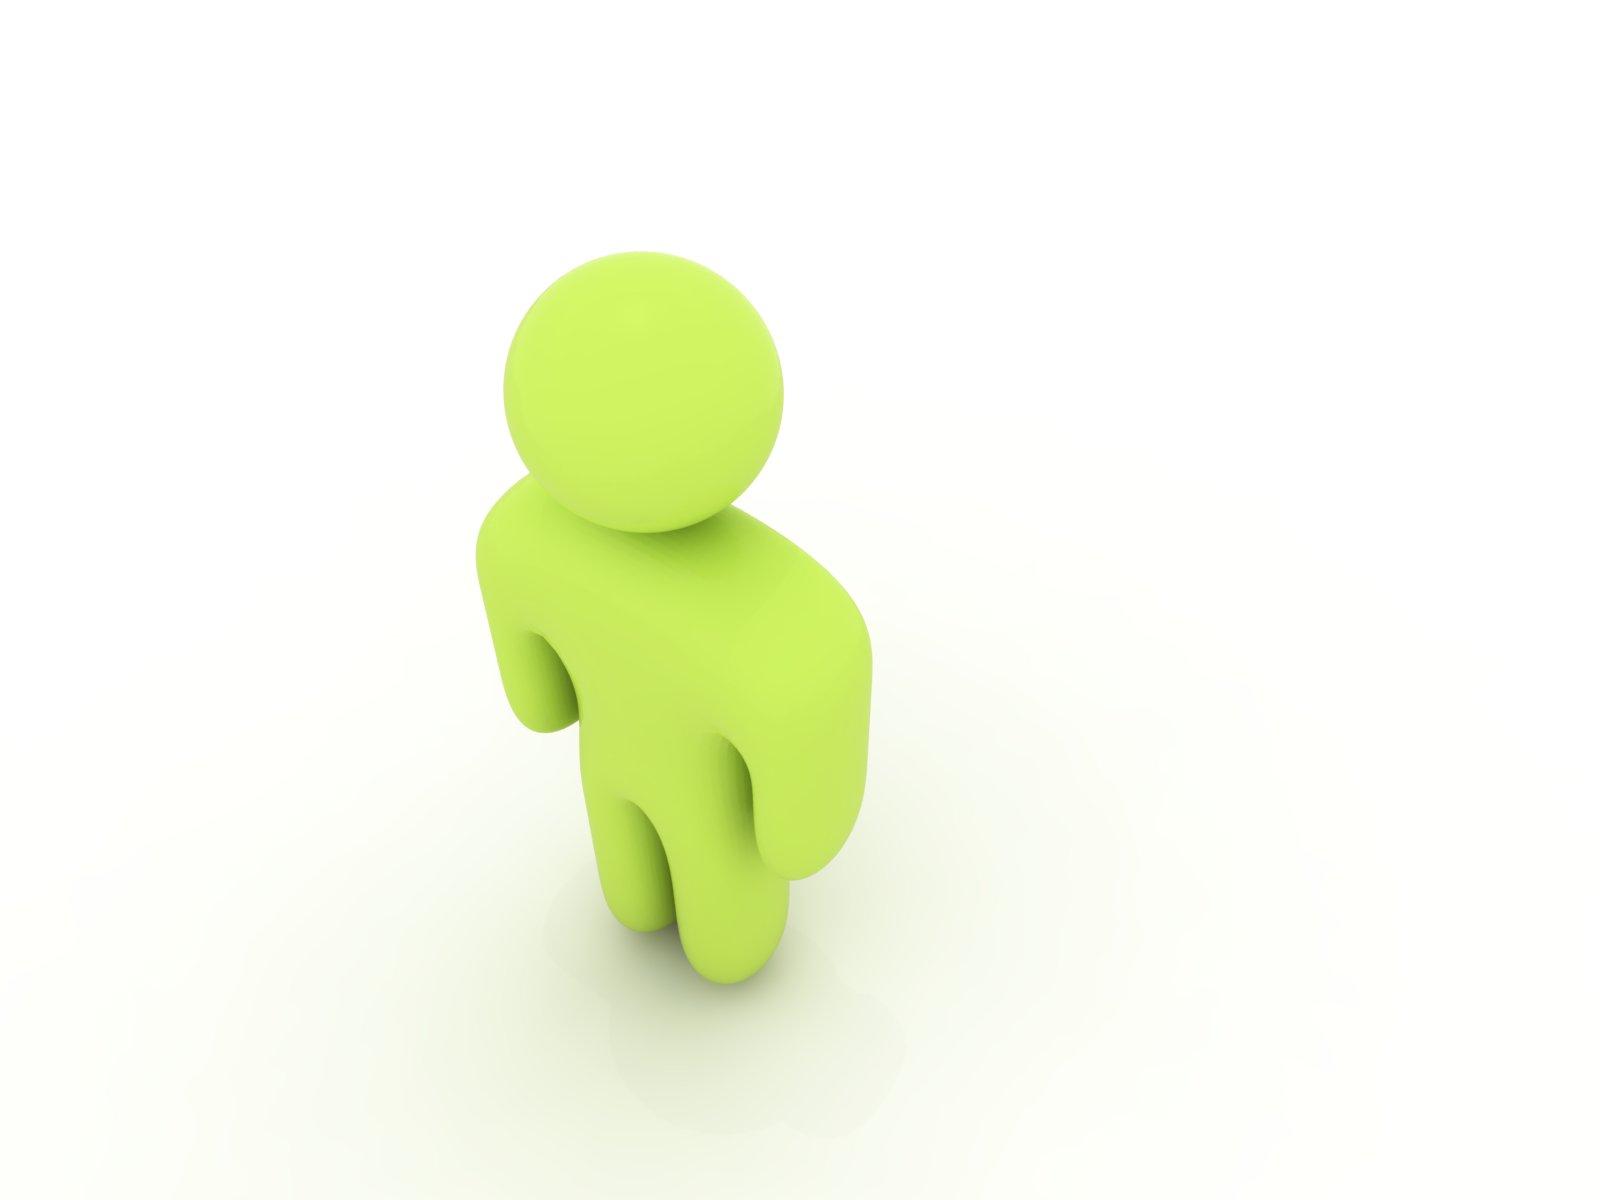 Prorogati i versamenti per Unico 2012